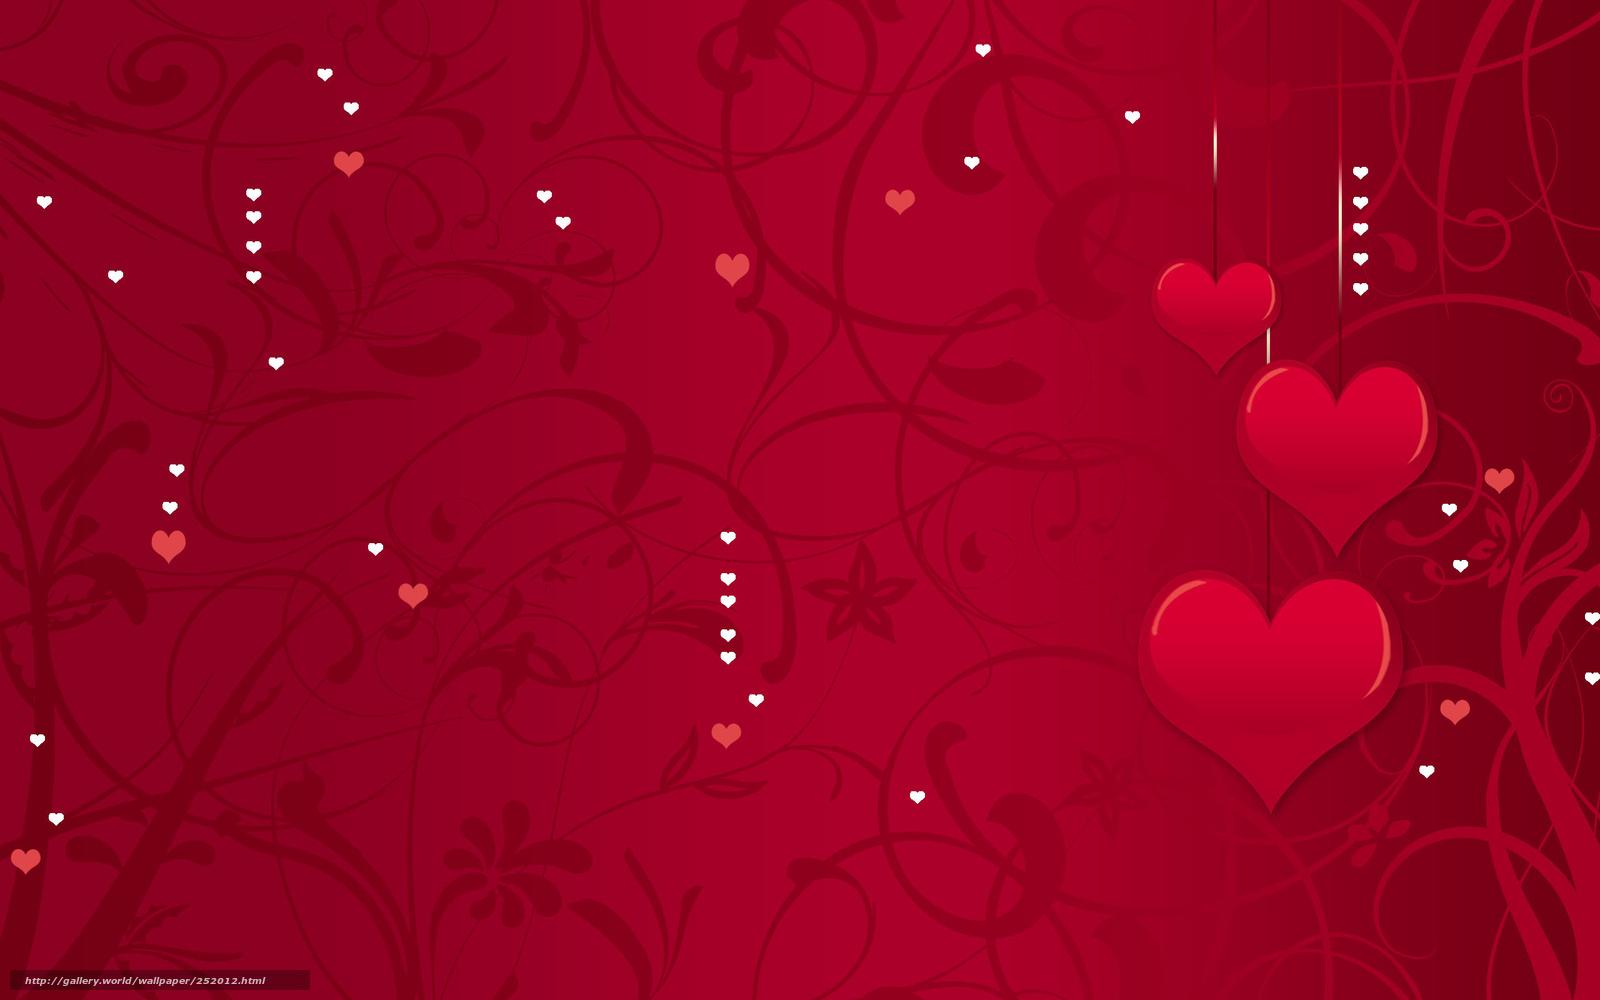 Tlcharger fond d 39 ecran papier peint romance cur amour for Papier peint ecran